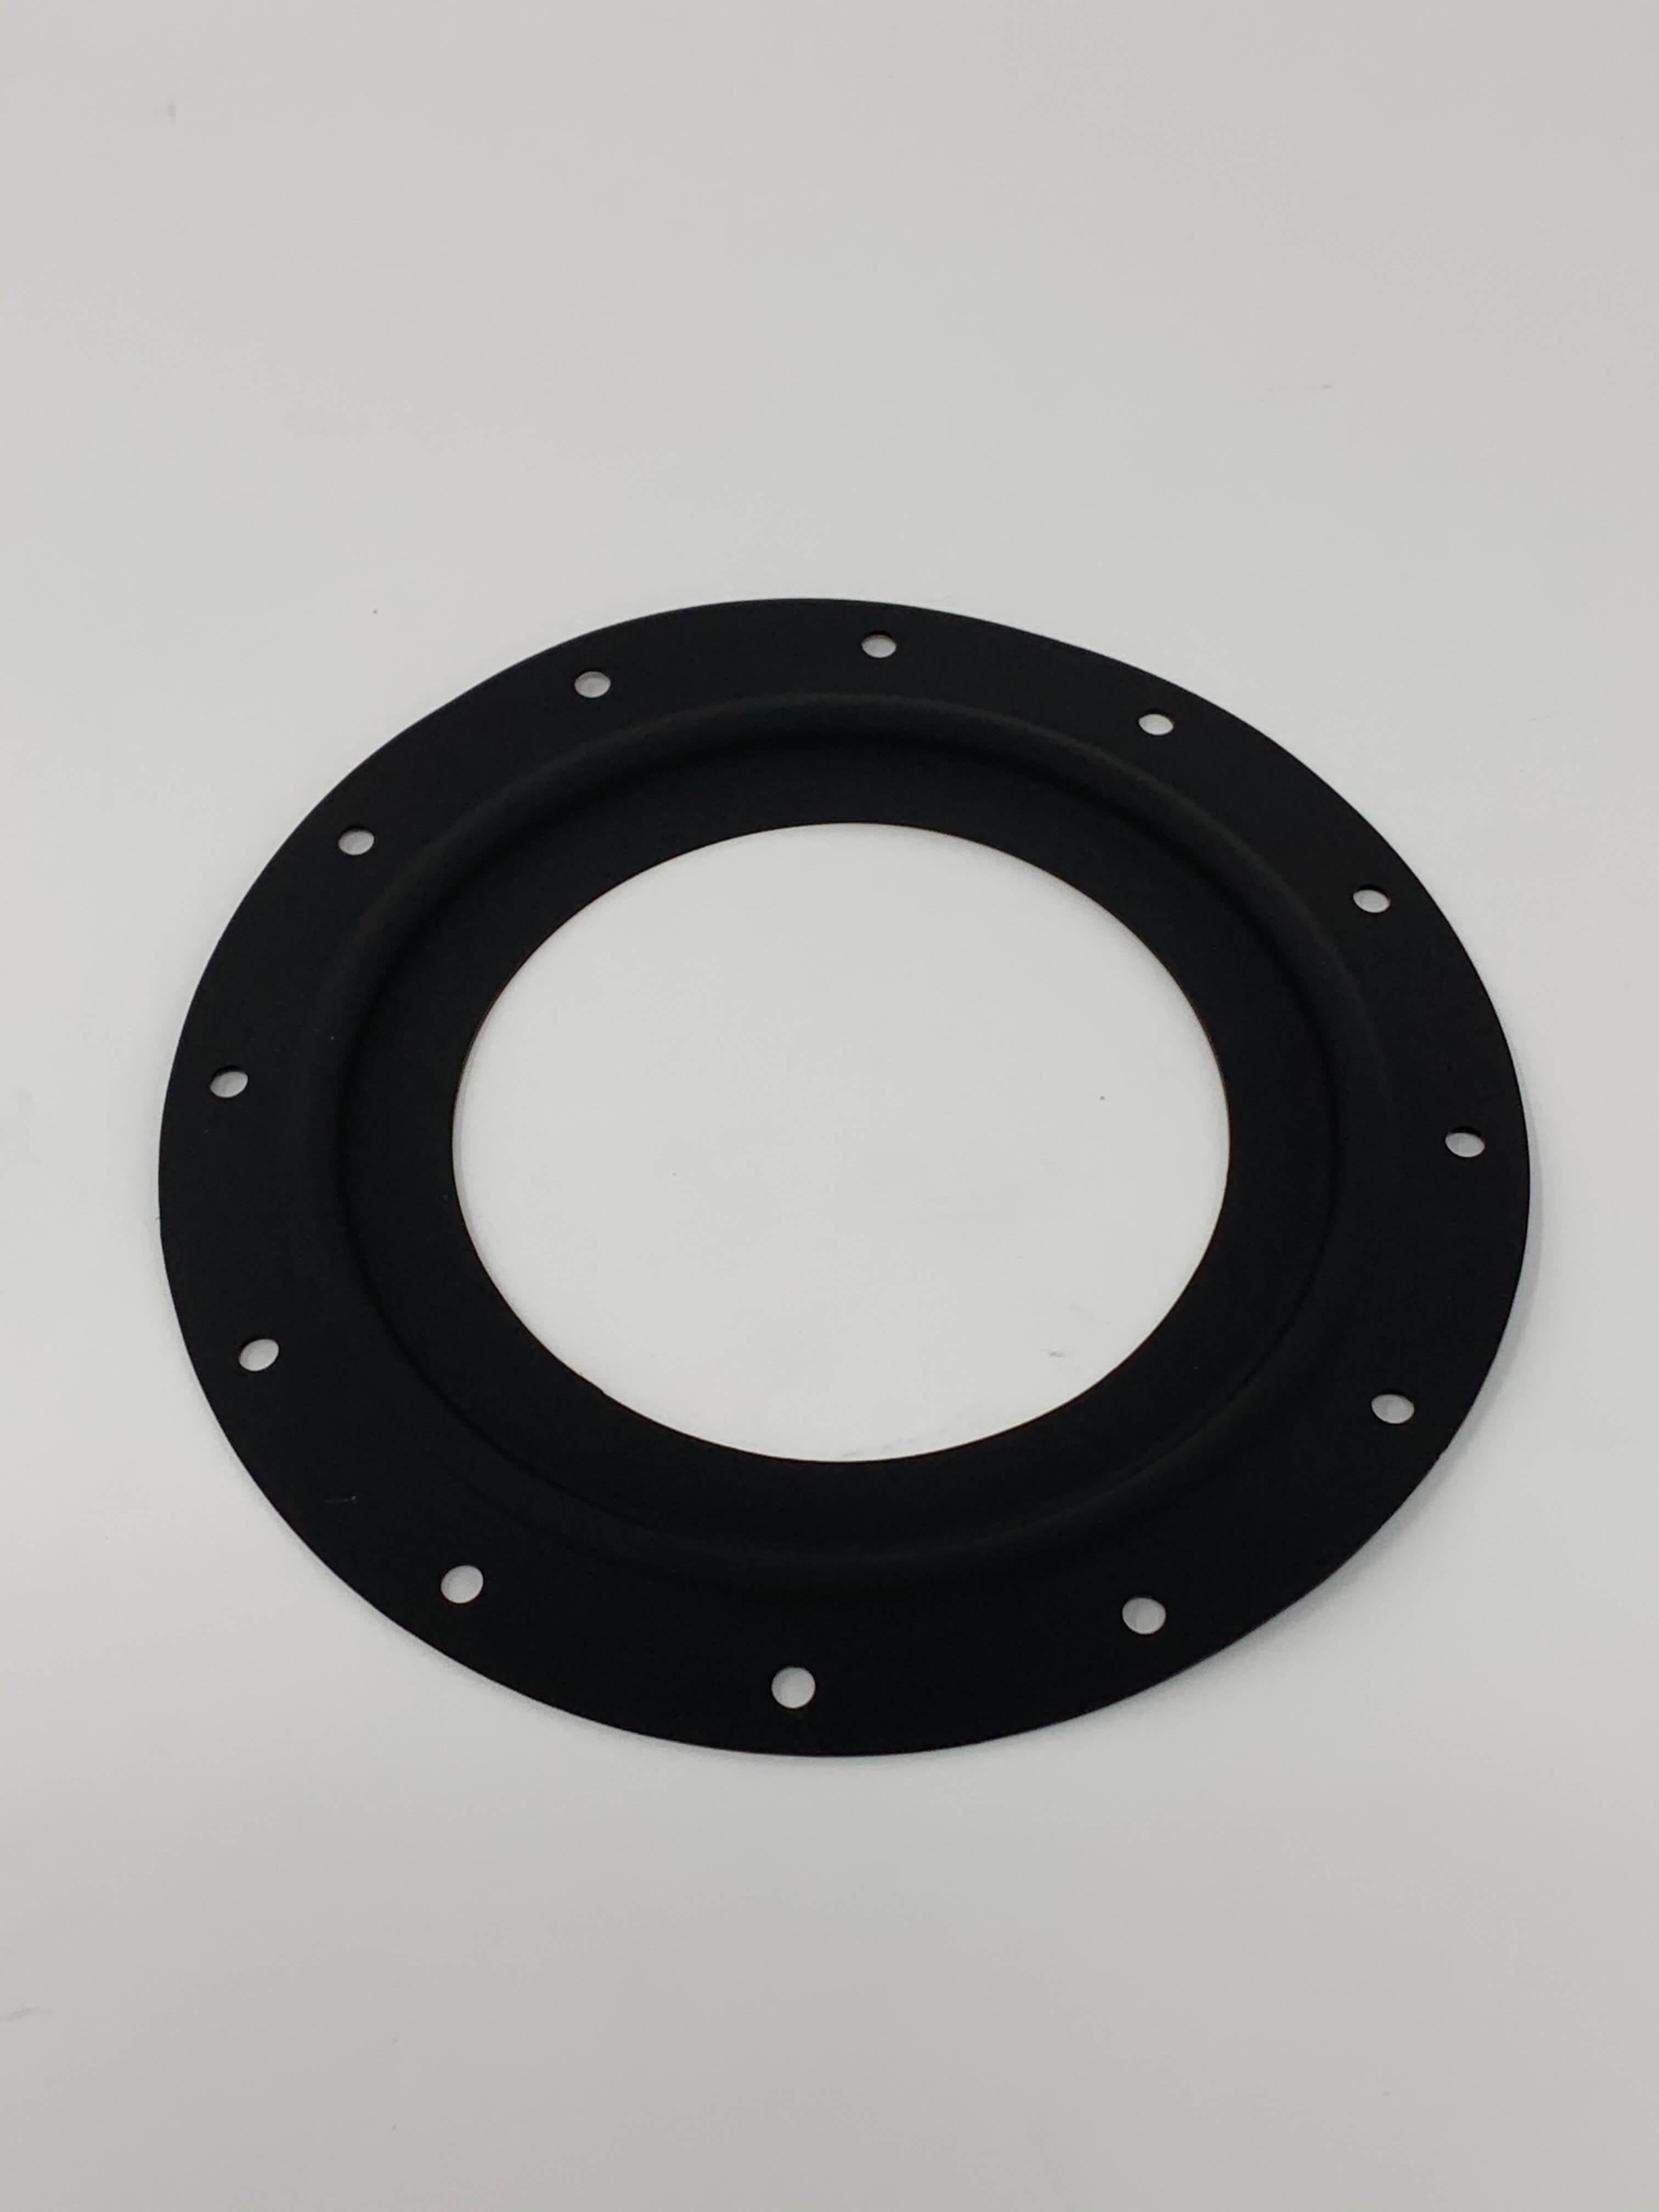 Bowl Seal SST 280/70 Gumlast for SST